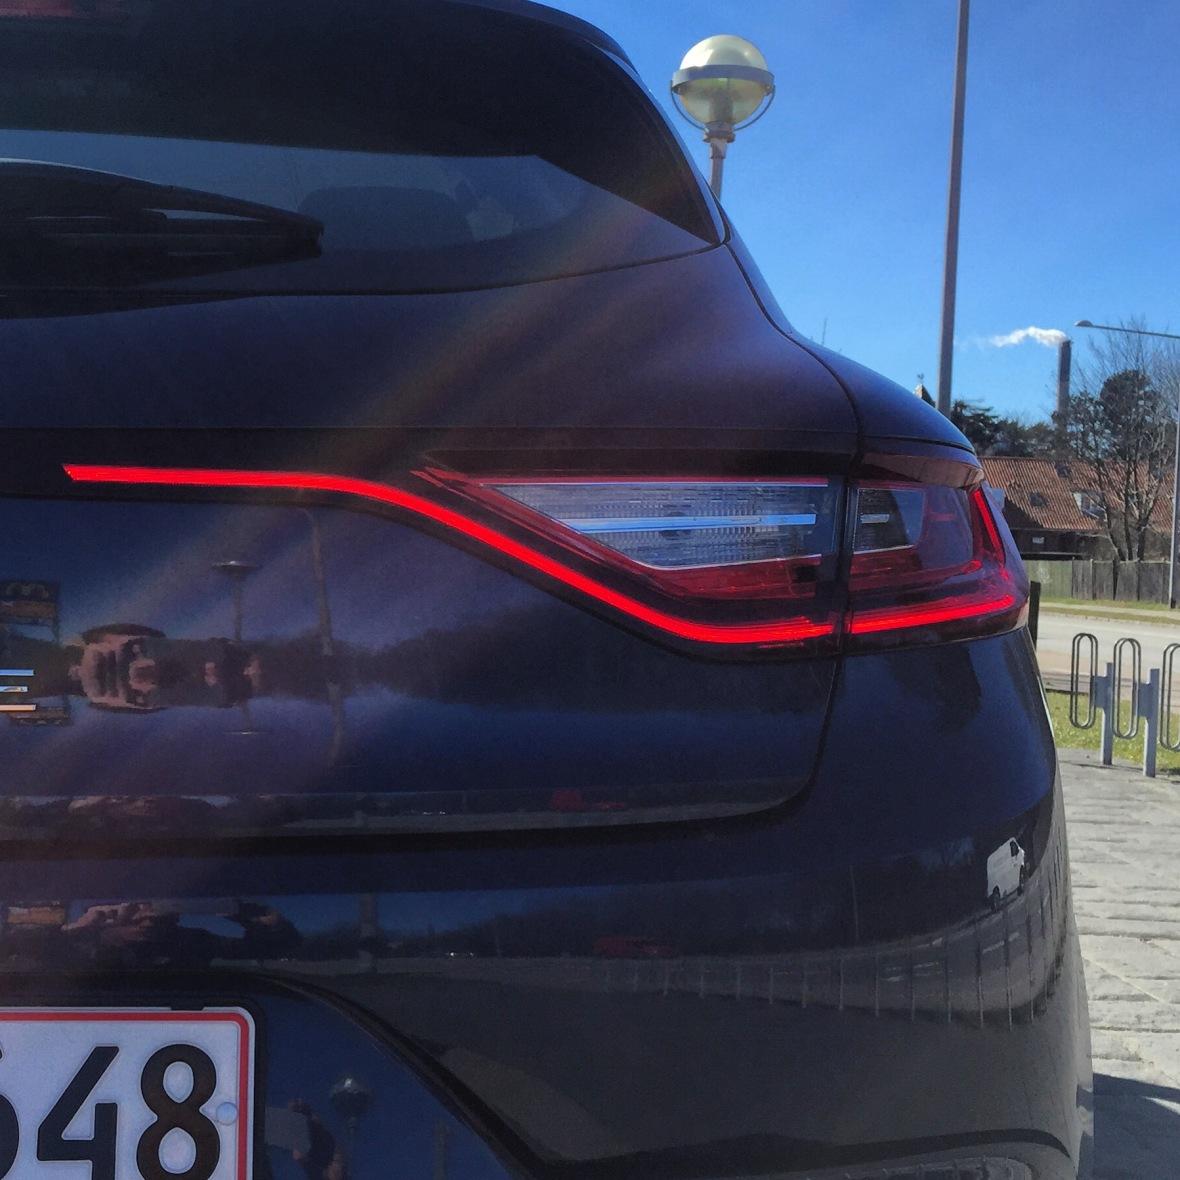 Renault Megane har klassens fedeste baglygter, og Renaults brug af LED-lygtebånd er genial.